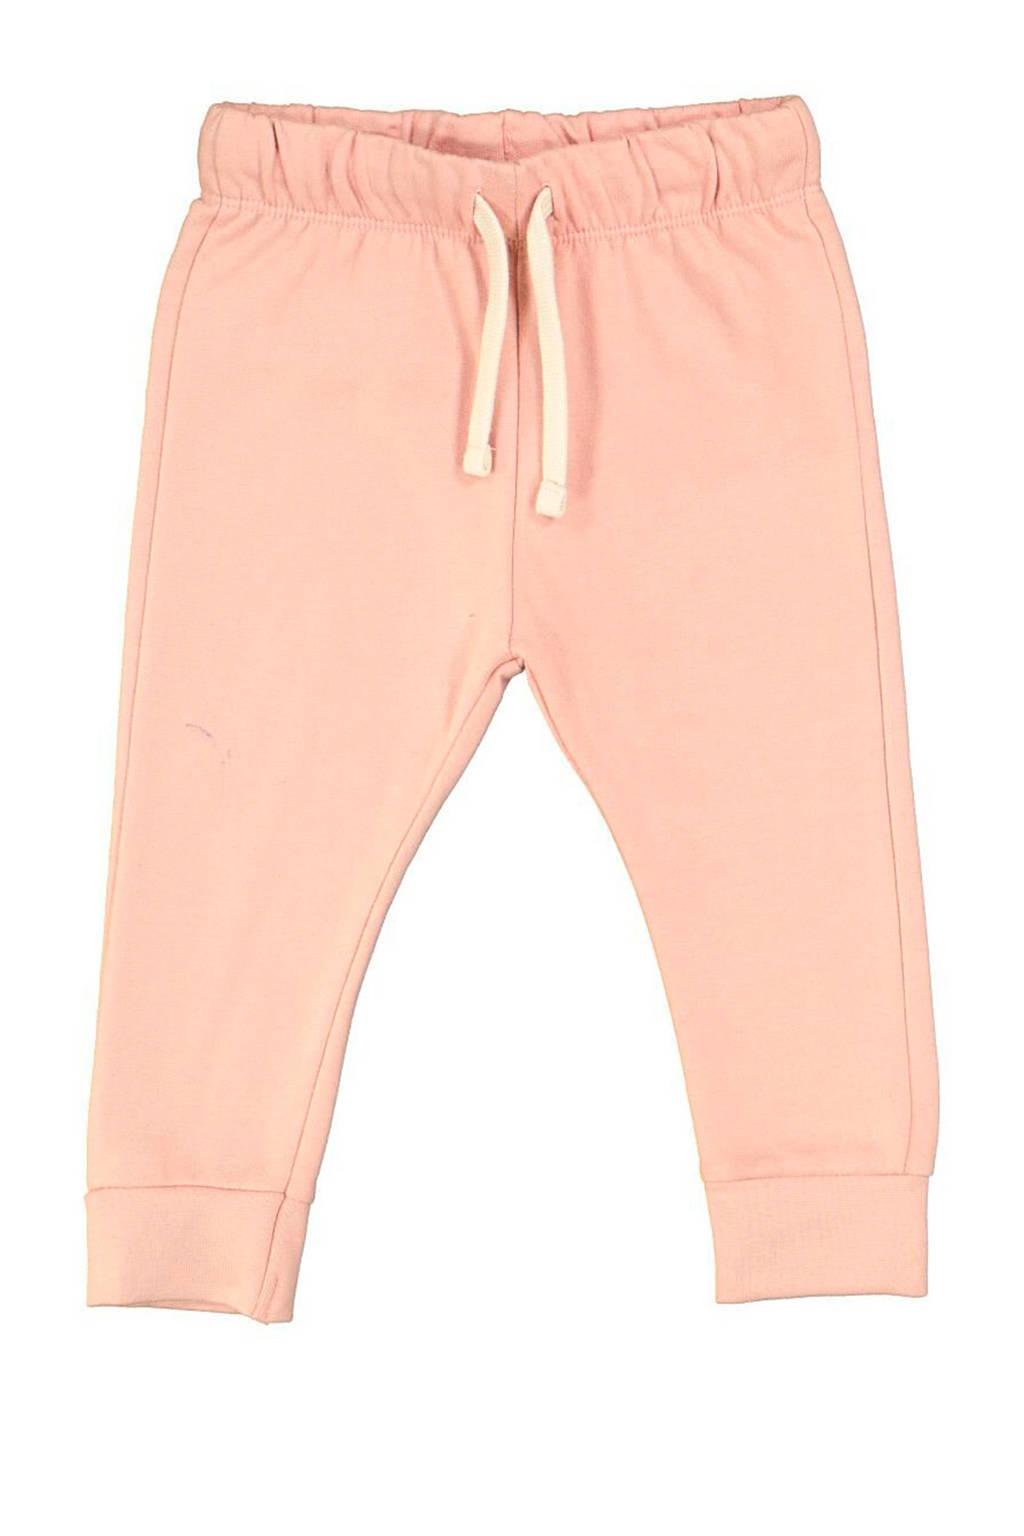 HEMA broek roze, Roze